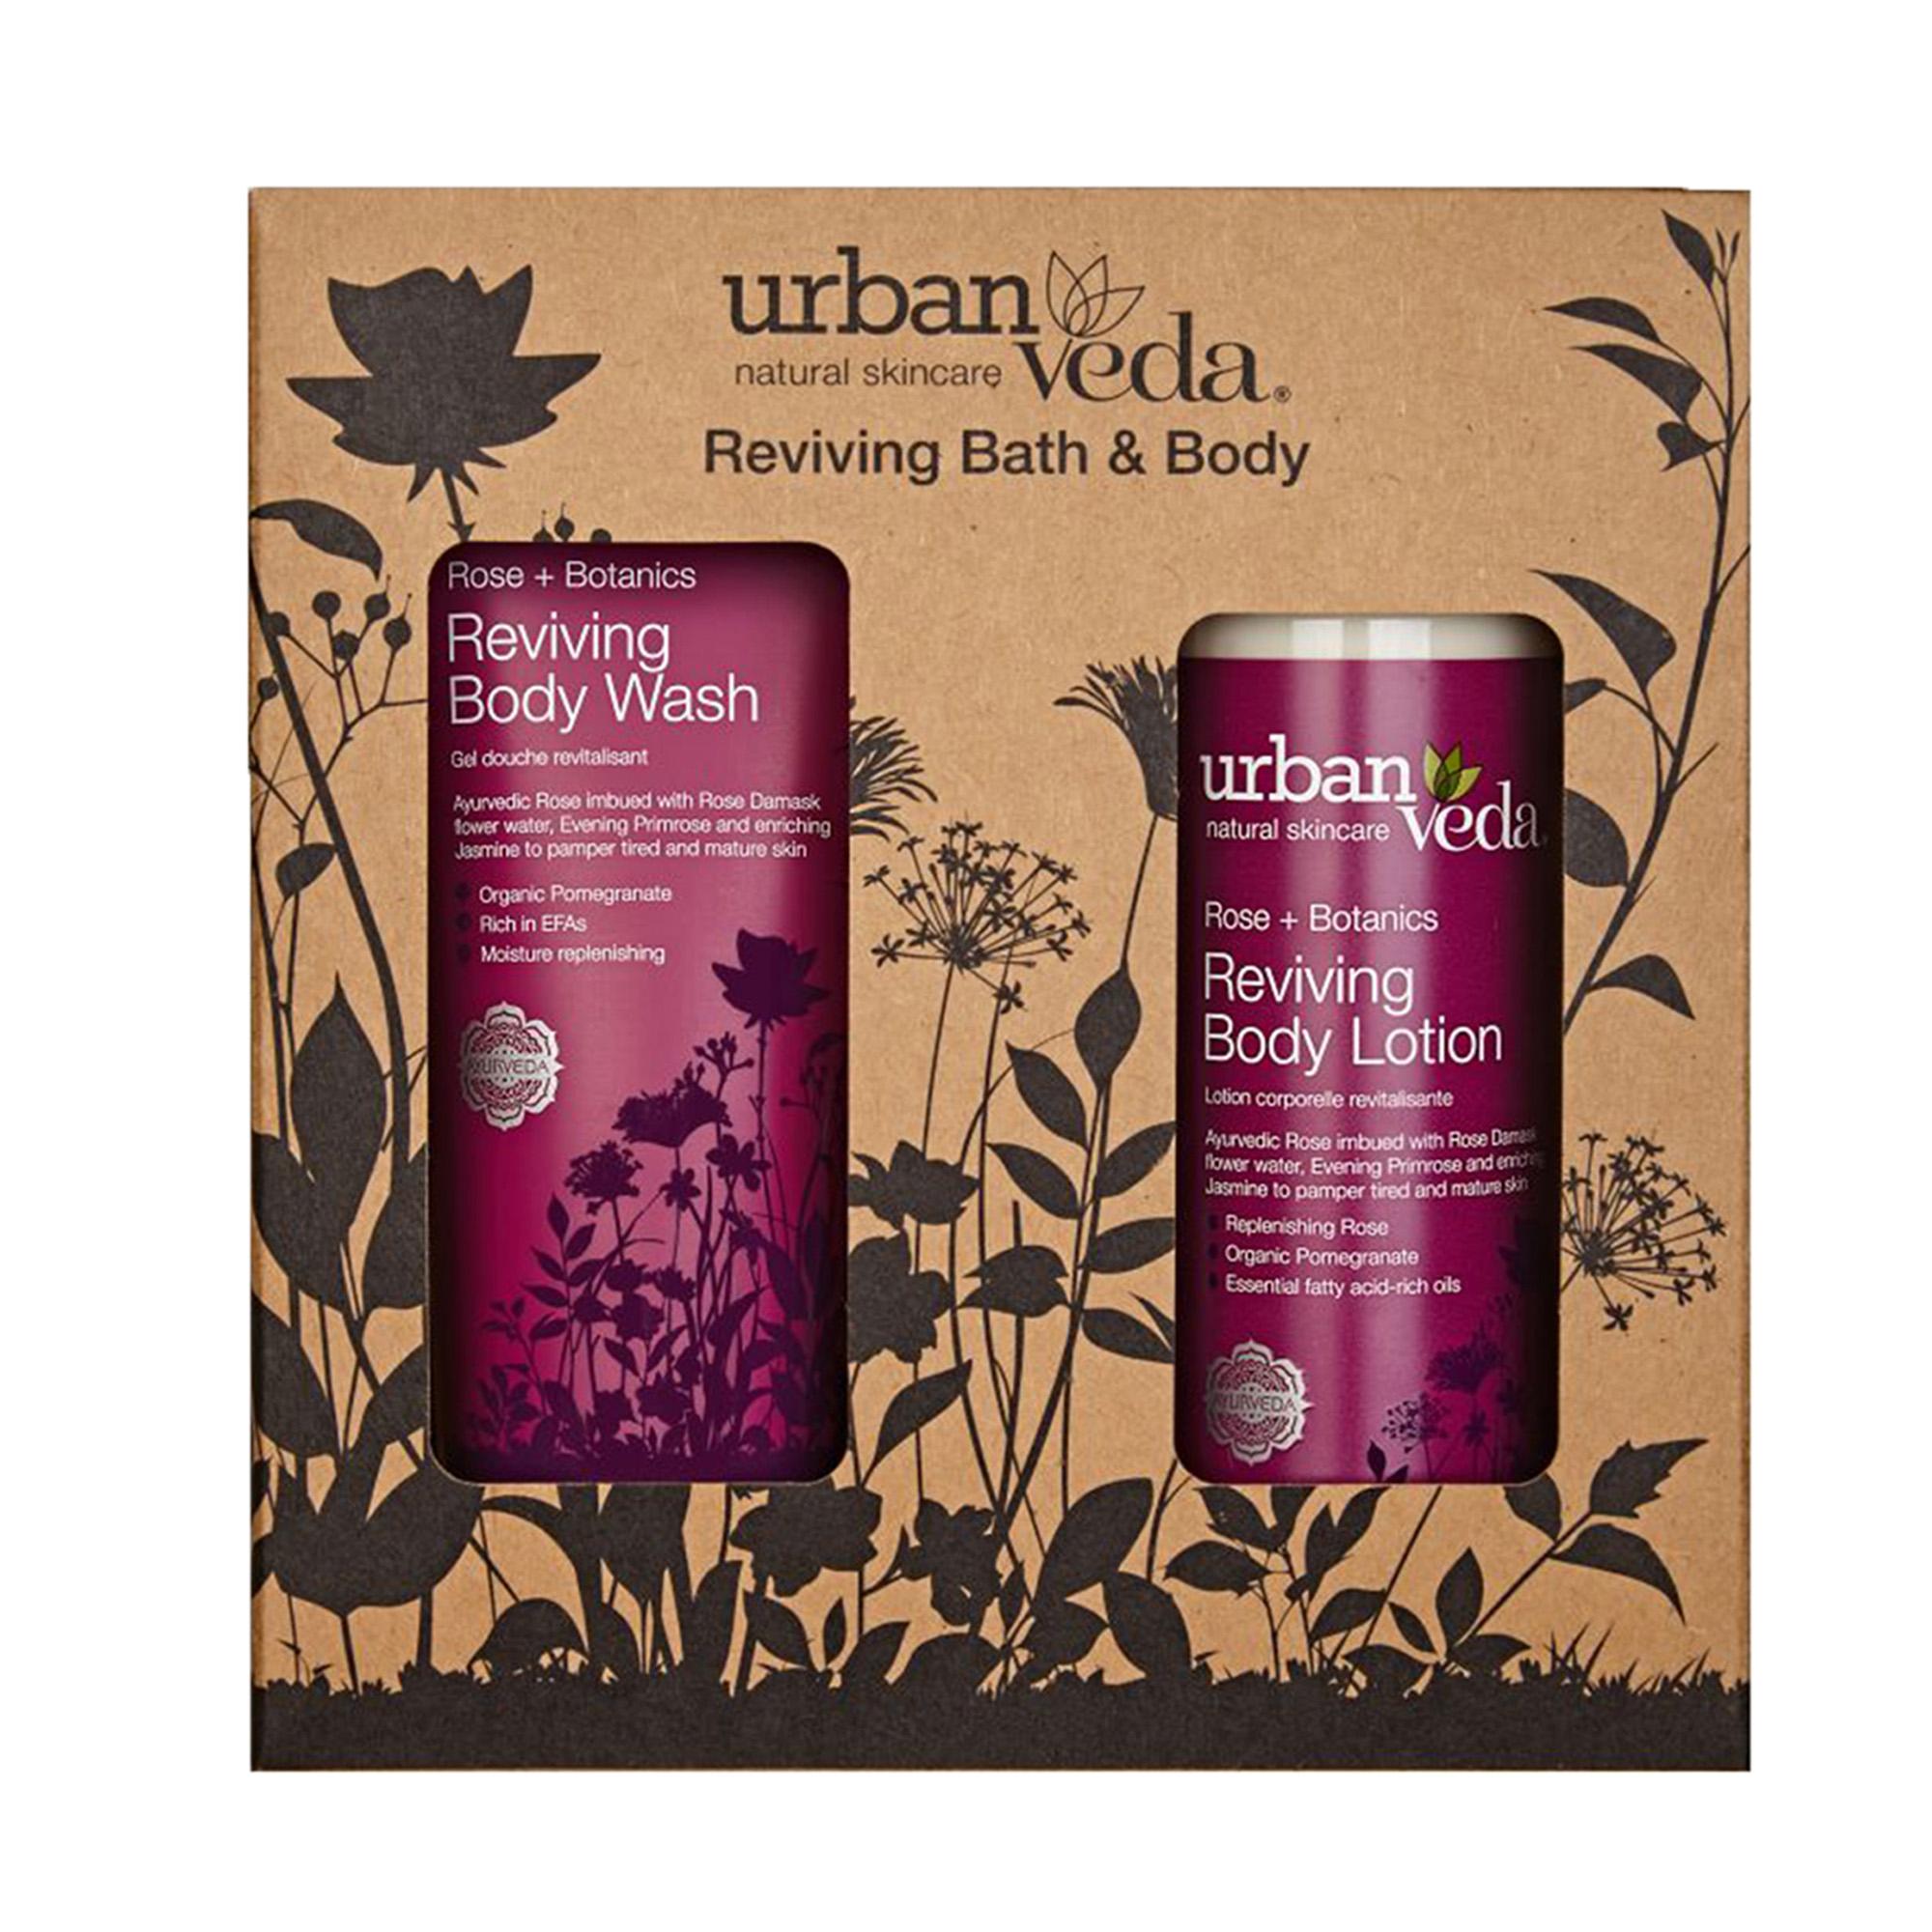 Urban Veda | Urban Veda Reviving Bath & Body